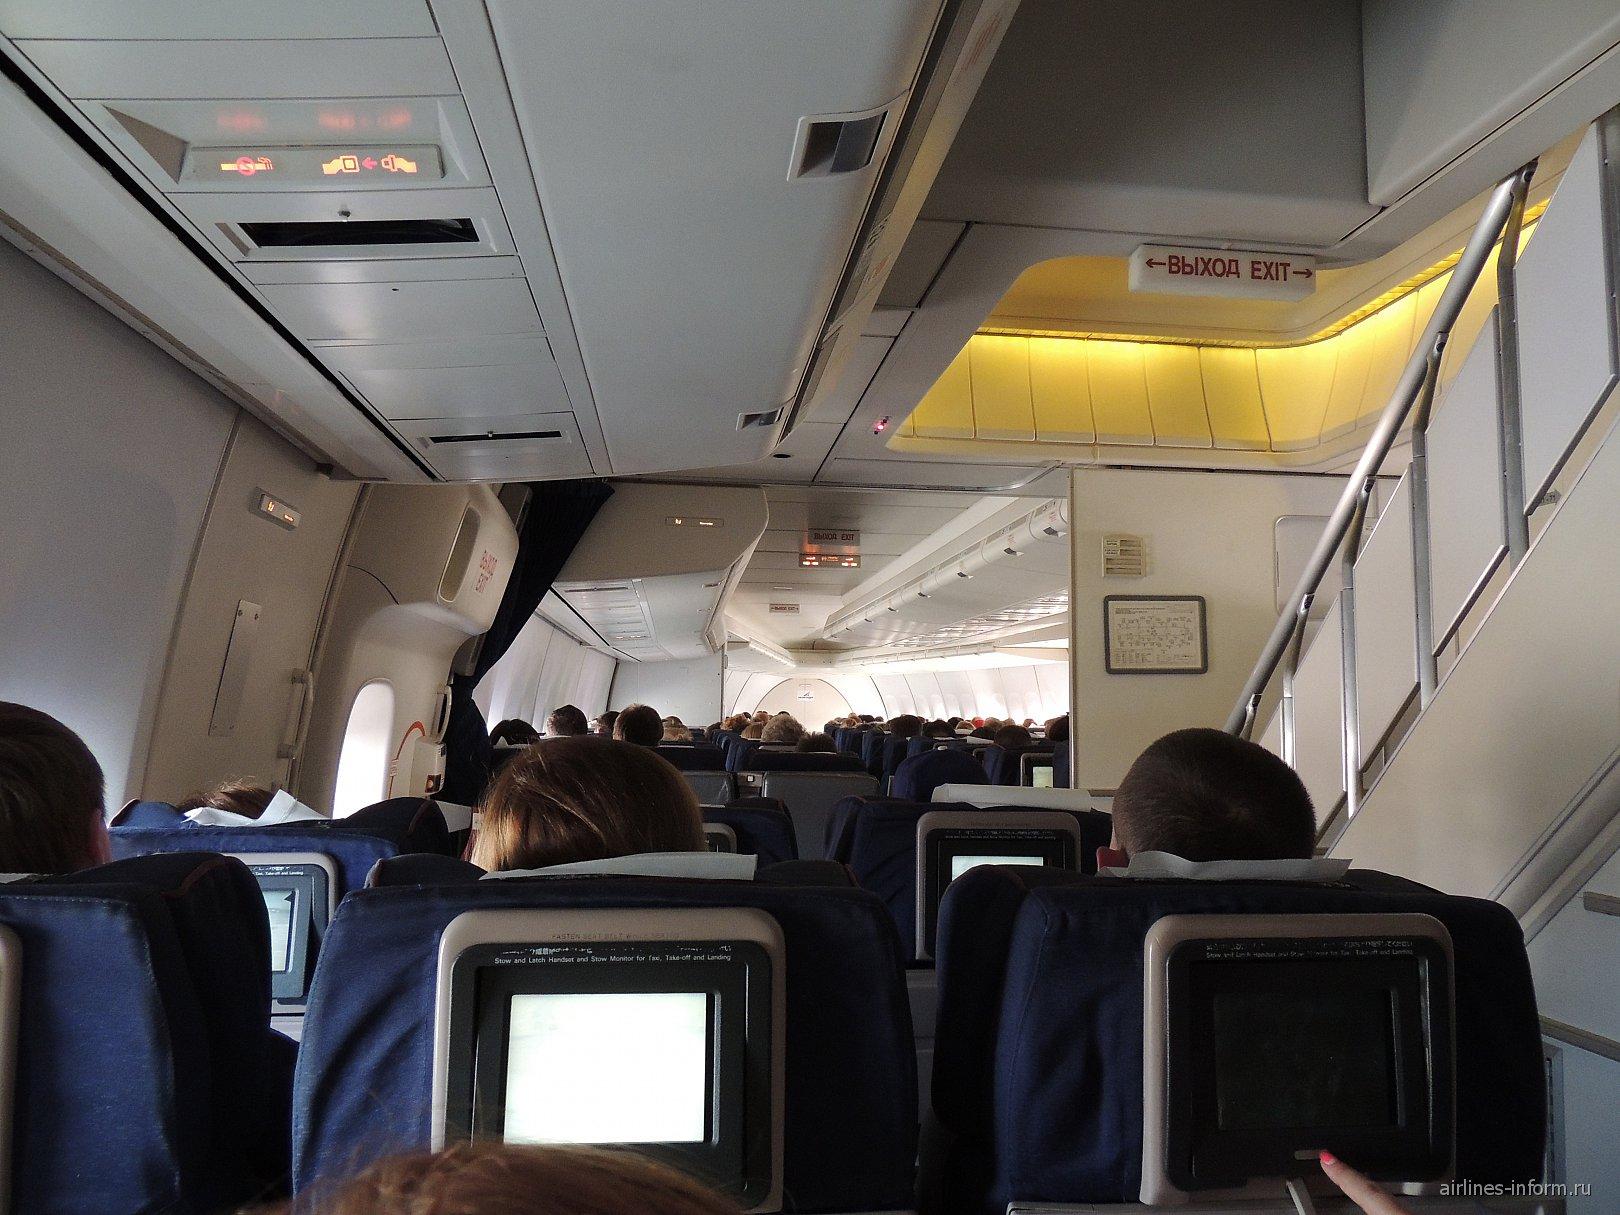 """Салон самолета Боинг-747-400 авиакомпании """"Трансаэро"""""""